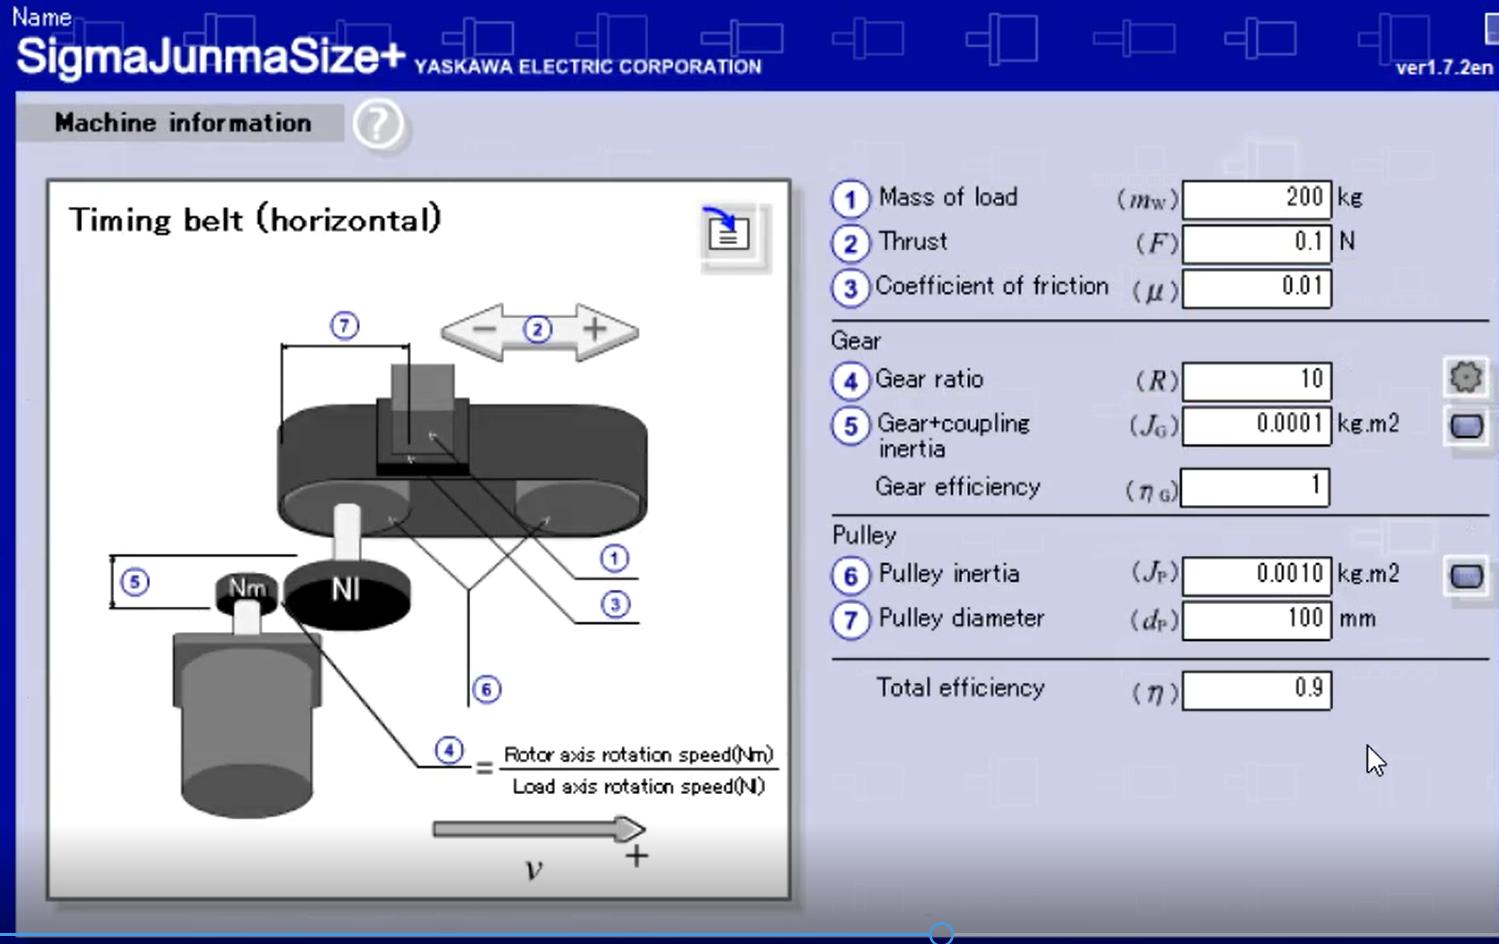 servo motor sizing input values